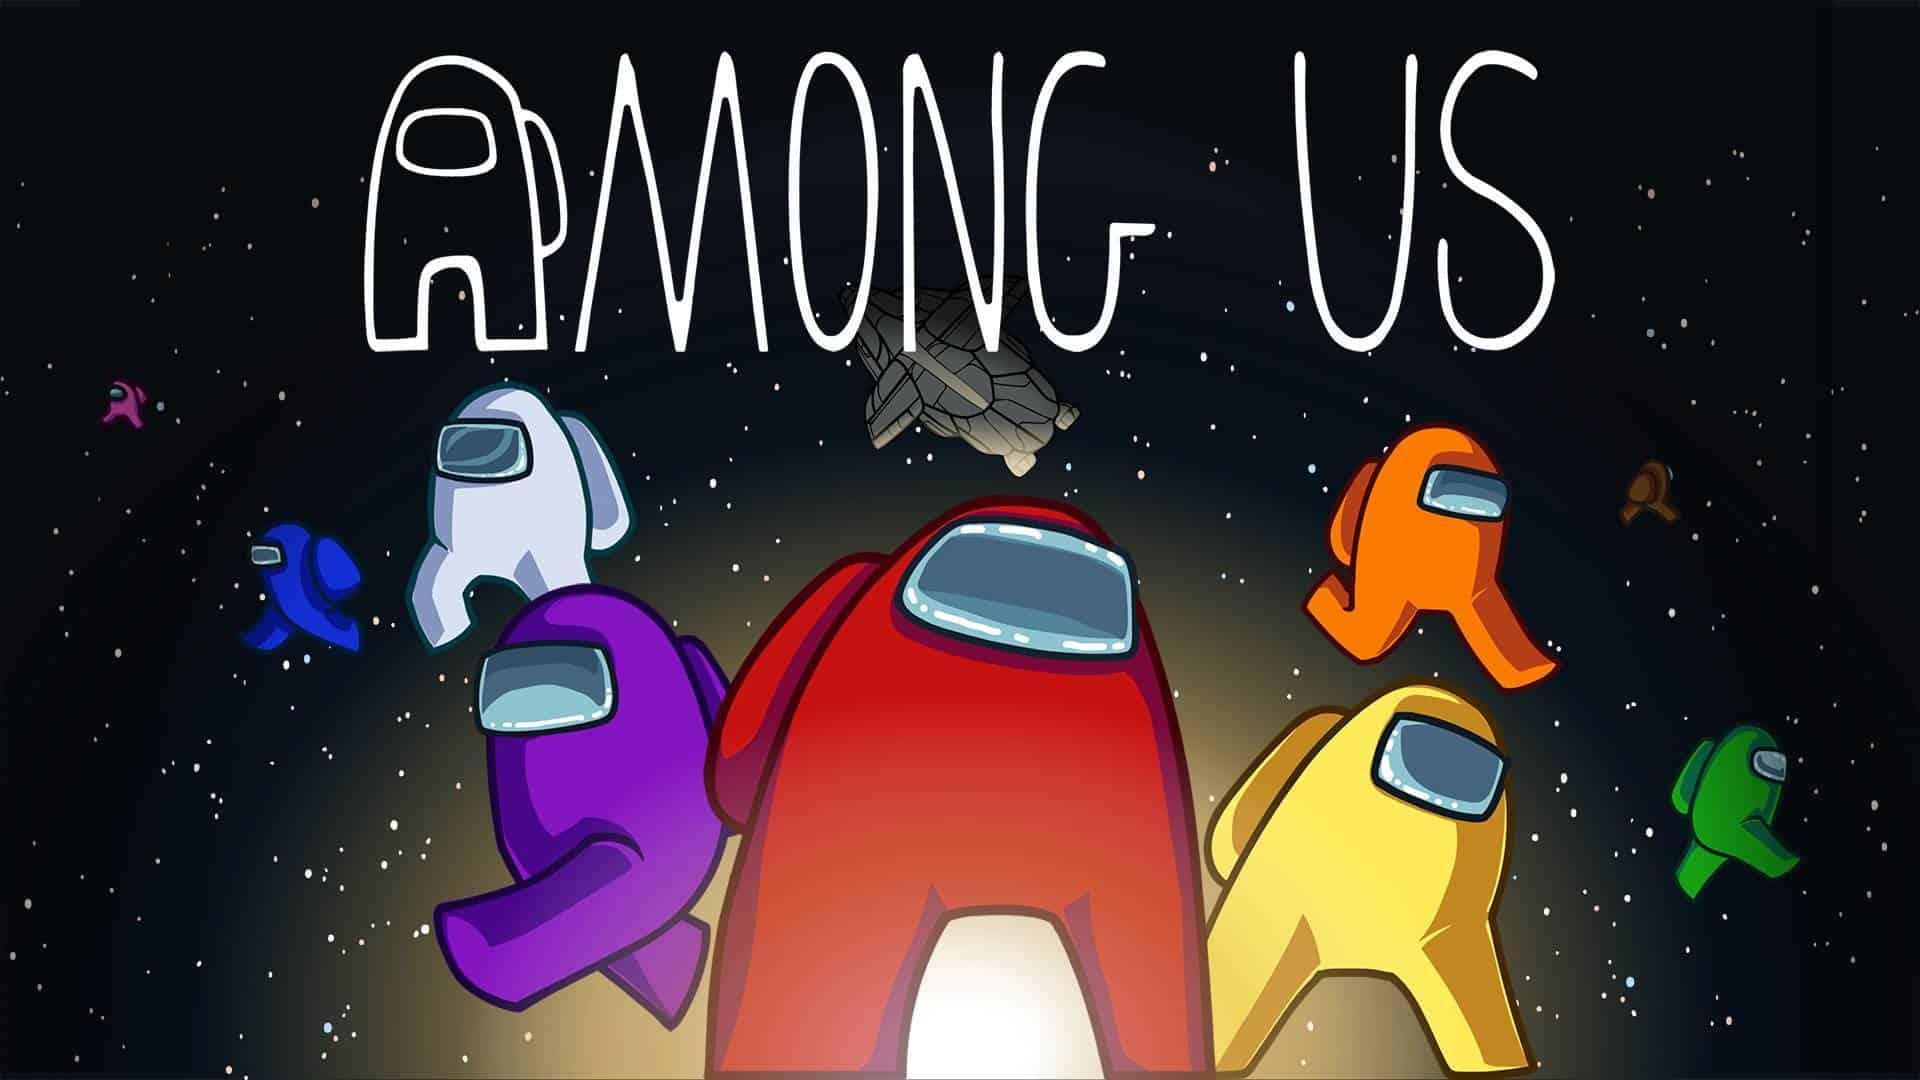 among-us-game